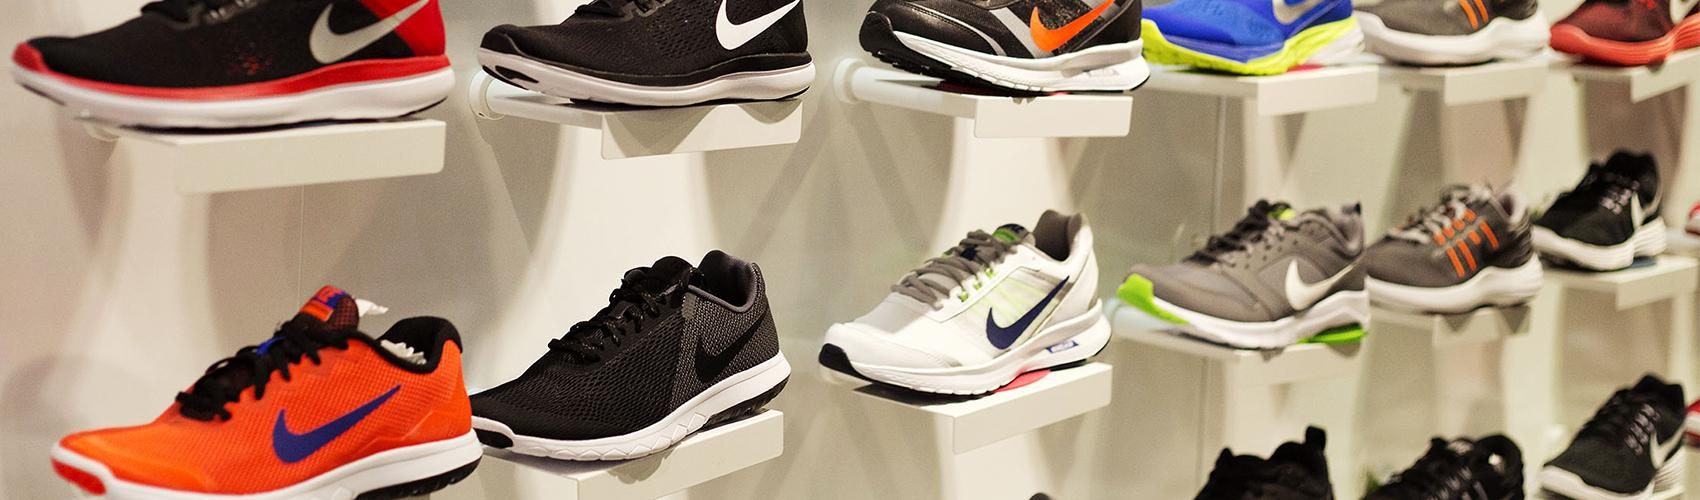 Информация о компании «Интернет-магазин спортивной обуви в Киеве и Украине» ebdcbaa2a02da